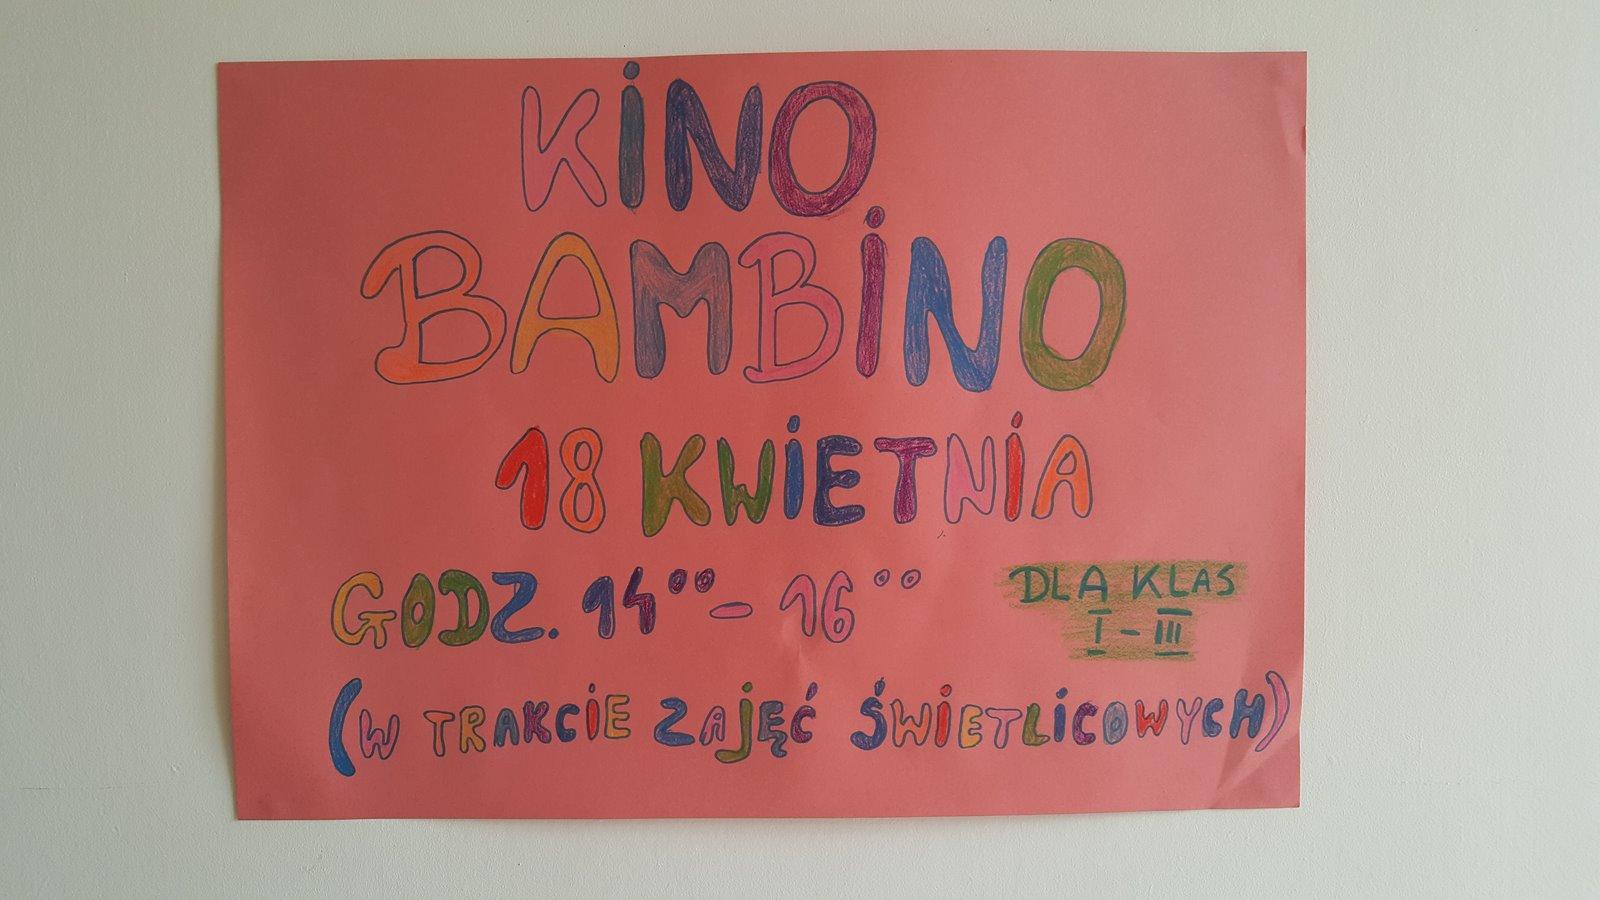 KINO BAMBINO